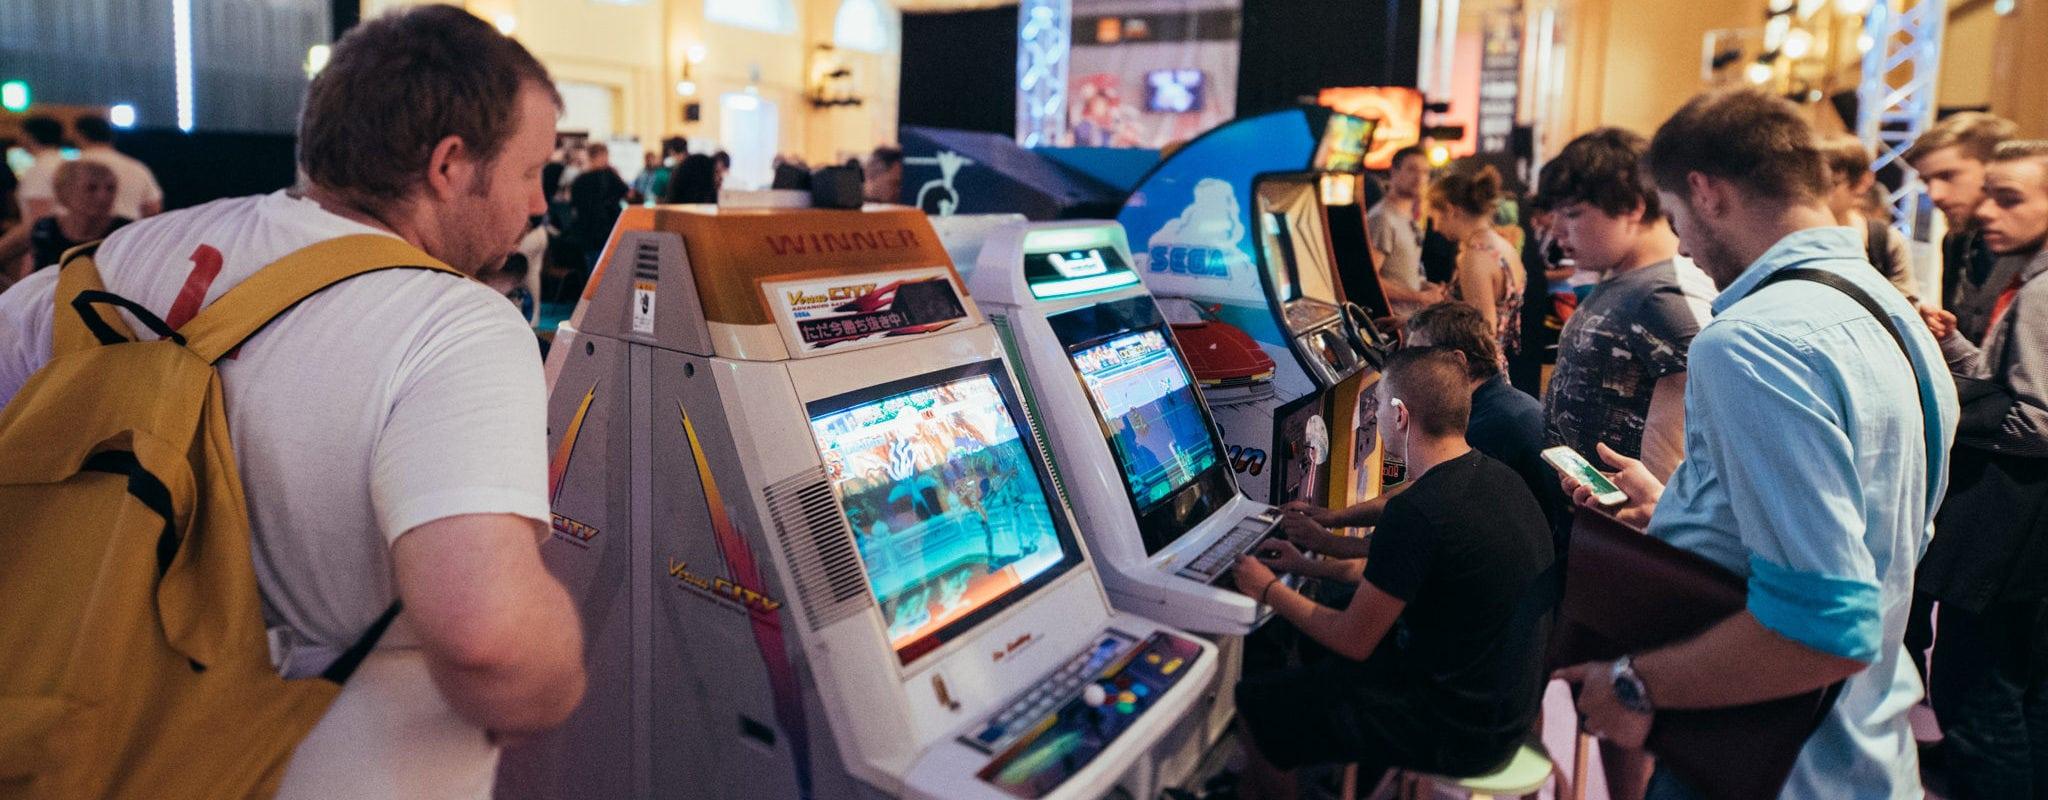 Start To Play : le rendez-vous des fans de jeux vidéos revient salle de la Bourse